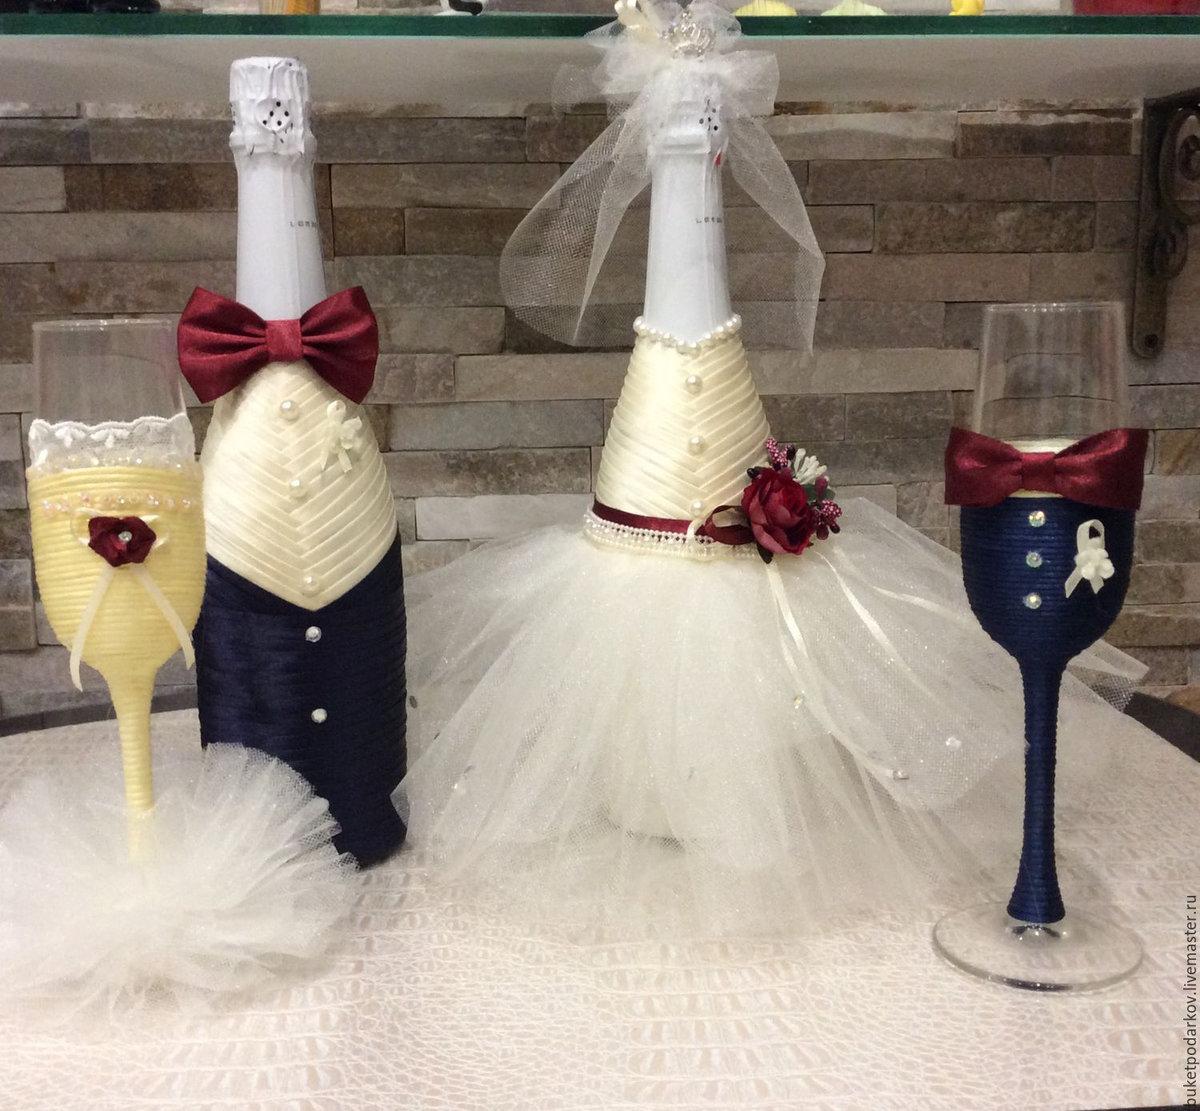 Жених и невеста своими руками на бутылке